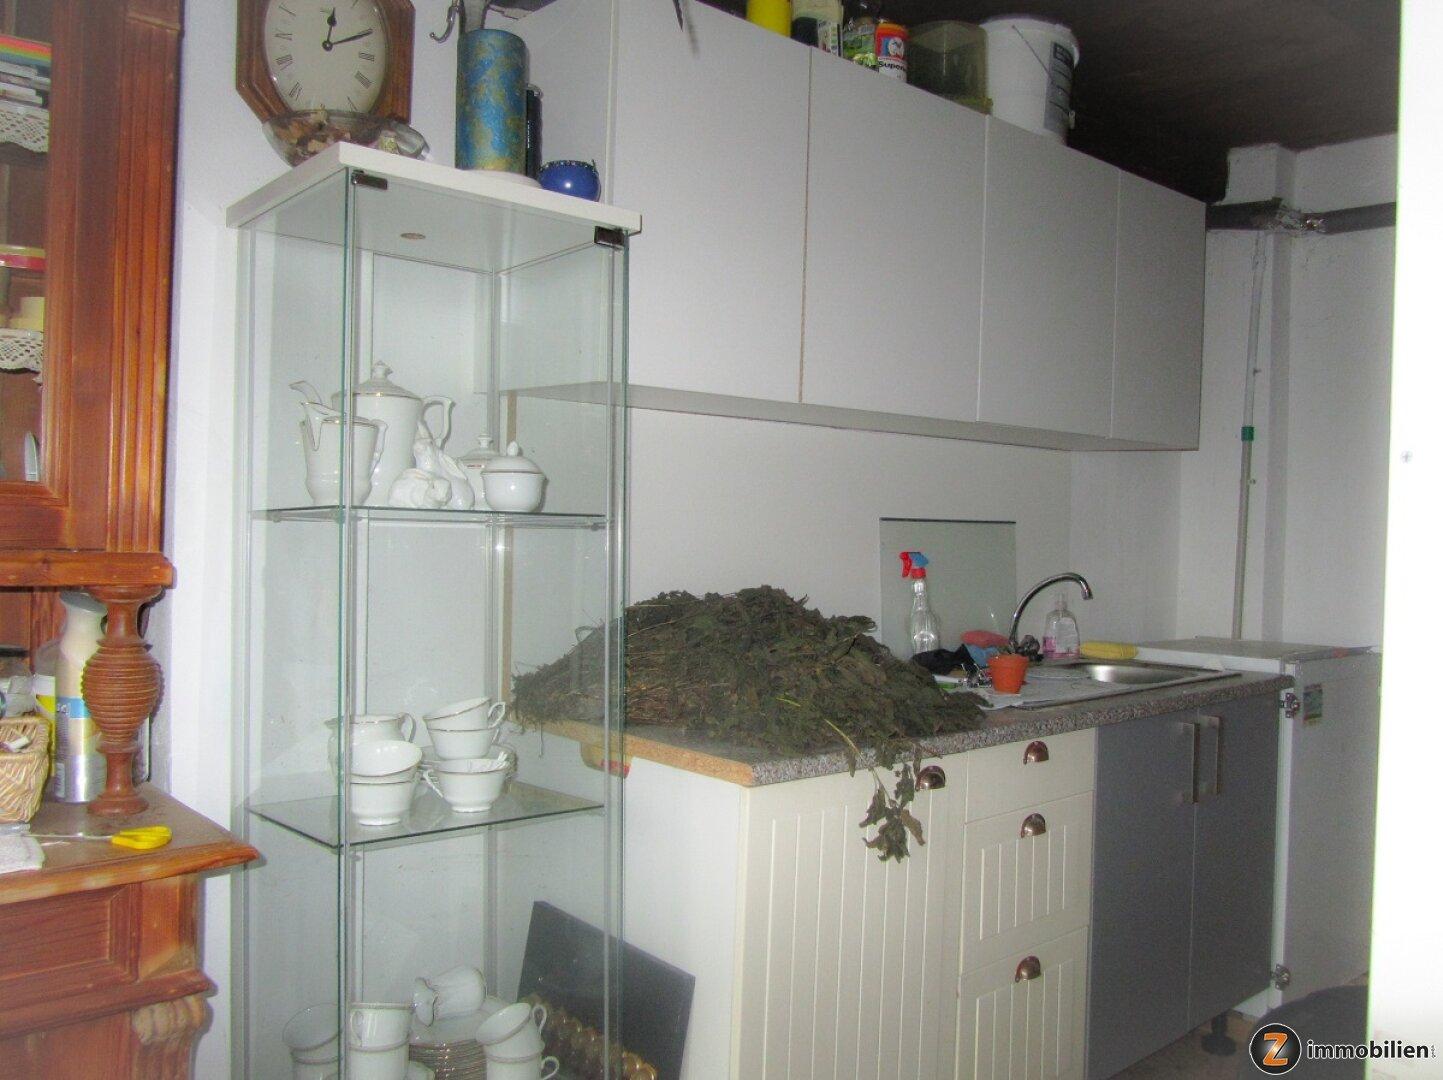 Küche im Nebengebäude